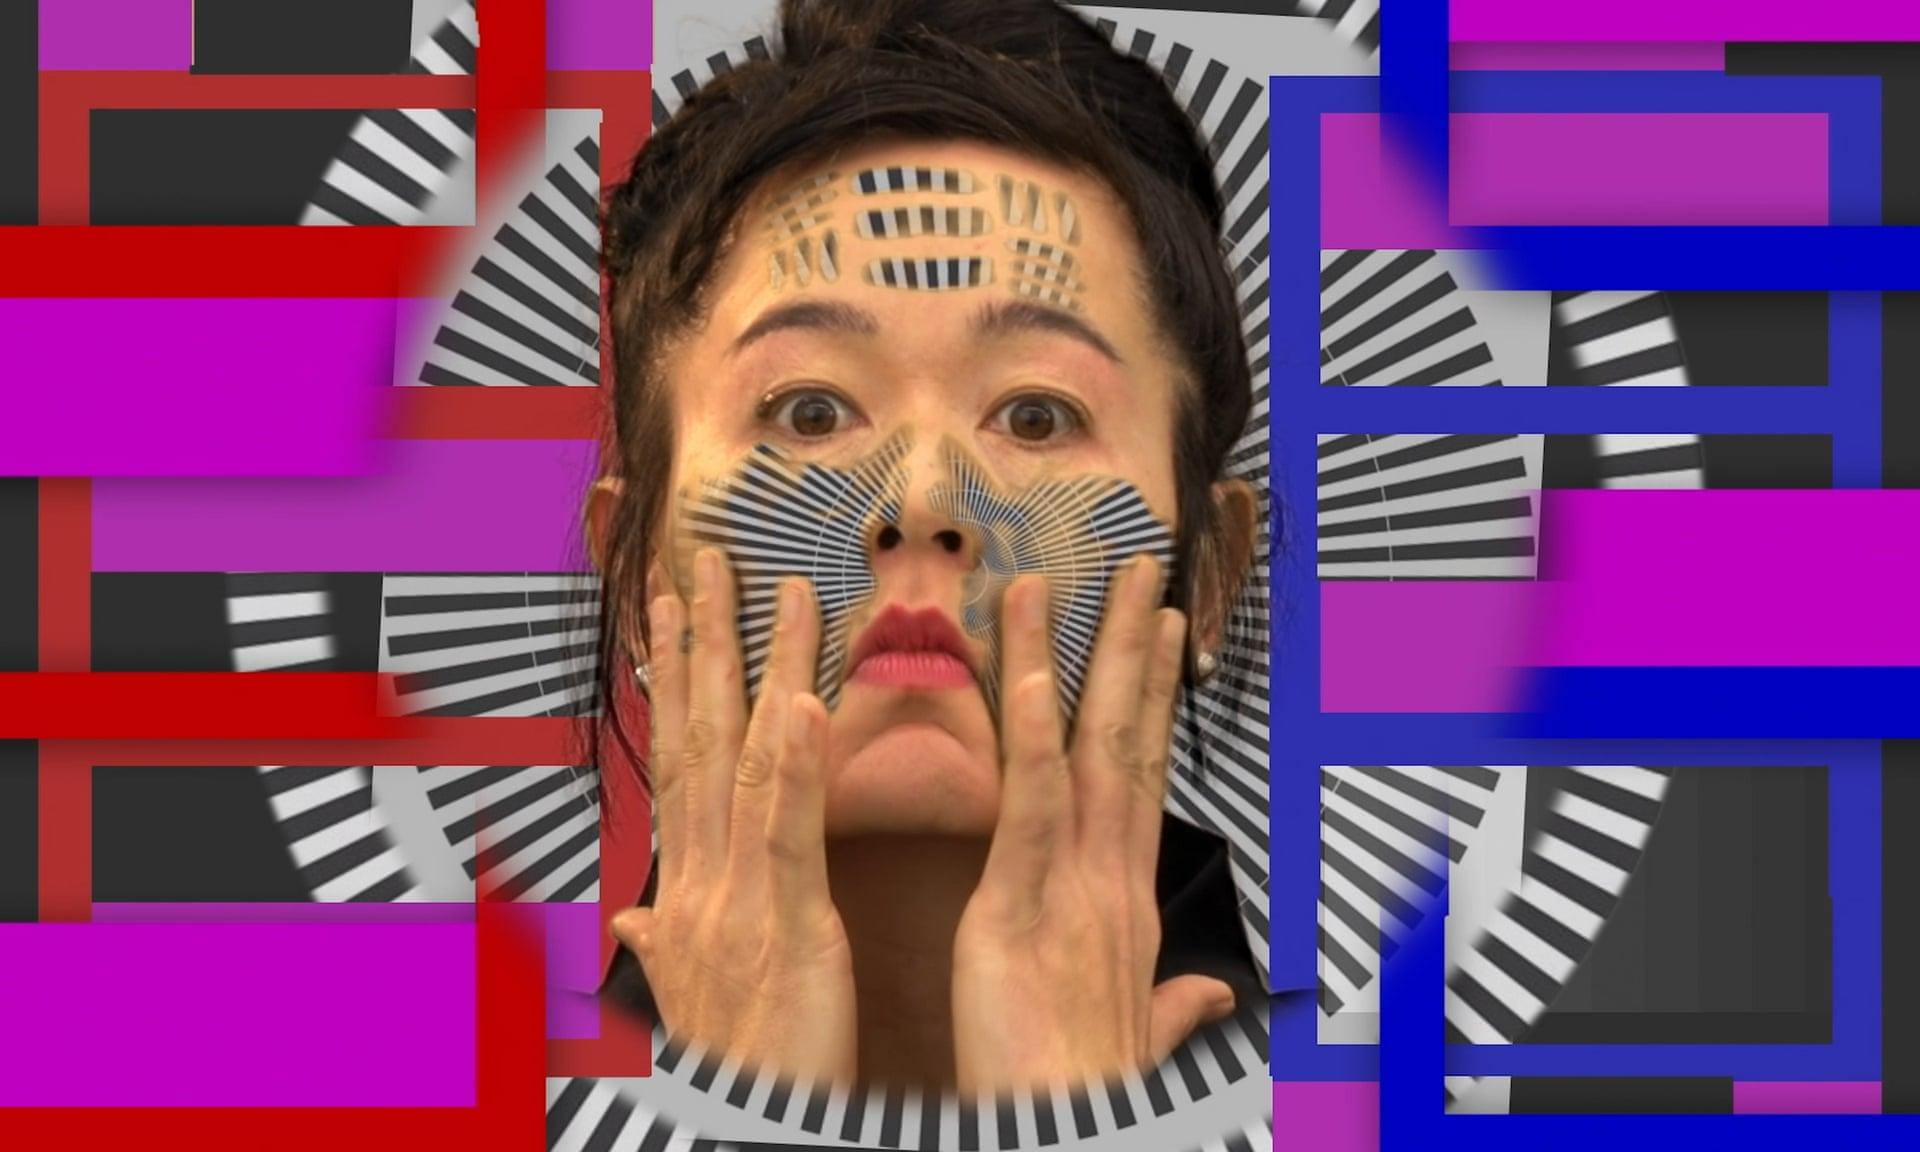 Capolavori del Duemila. Le migliori opere d'arte del XXI secolo secondo il The Guardian